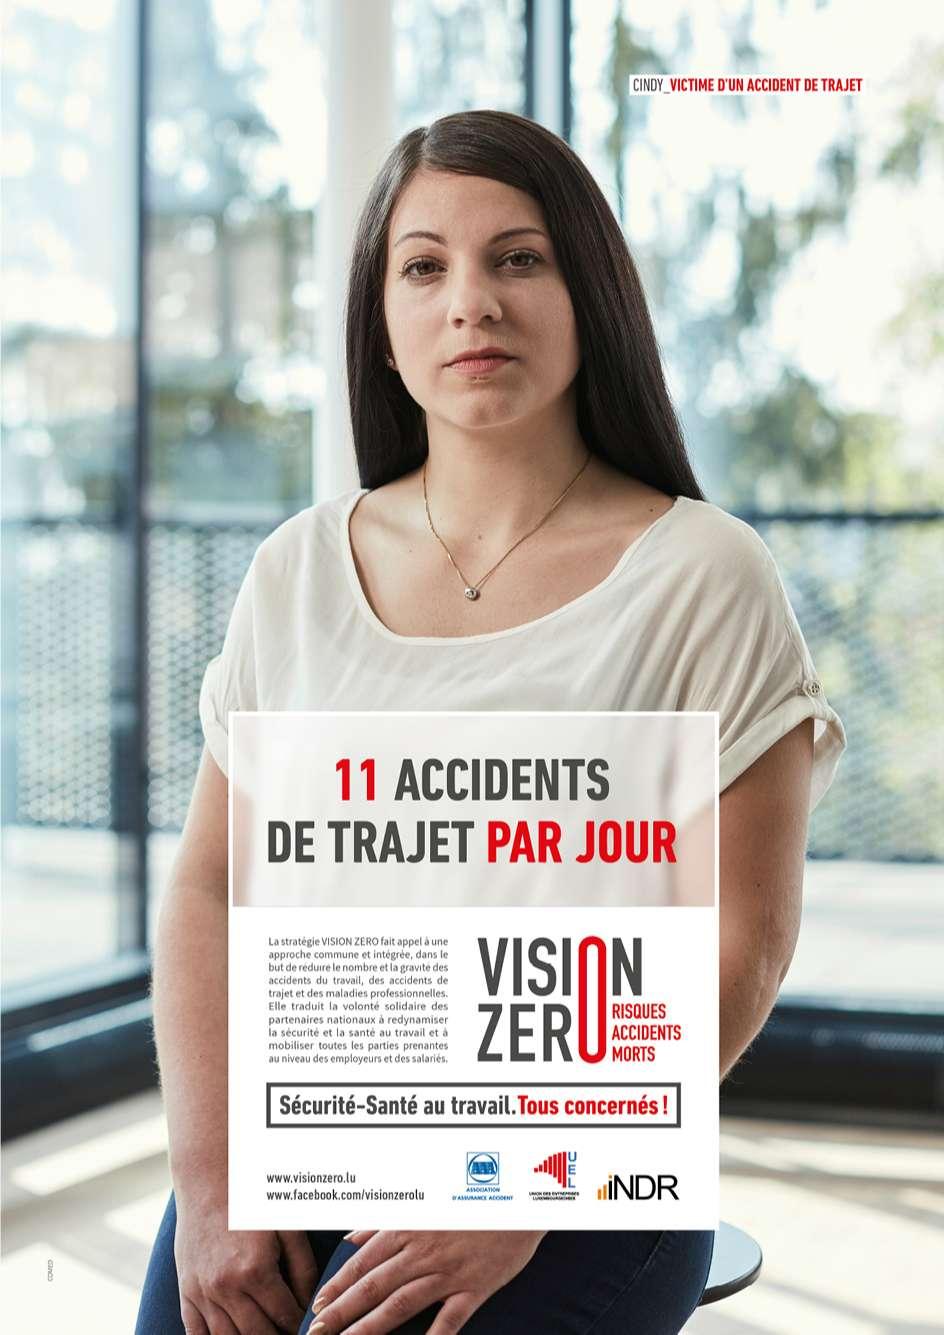 Annonce de la campagne Vision 0 montrant le nombre d'accidents par jour dans les trajets domicile-travail au Luxembourg